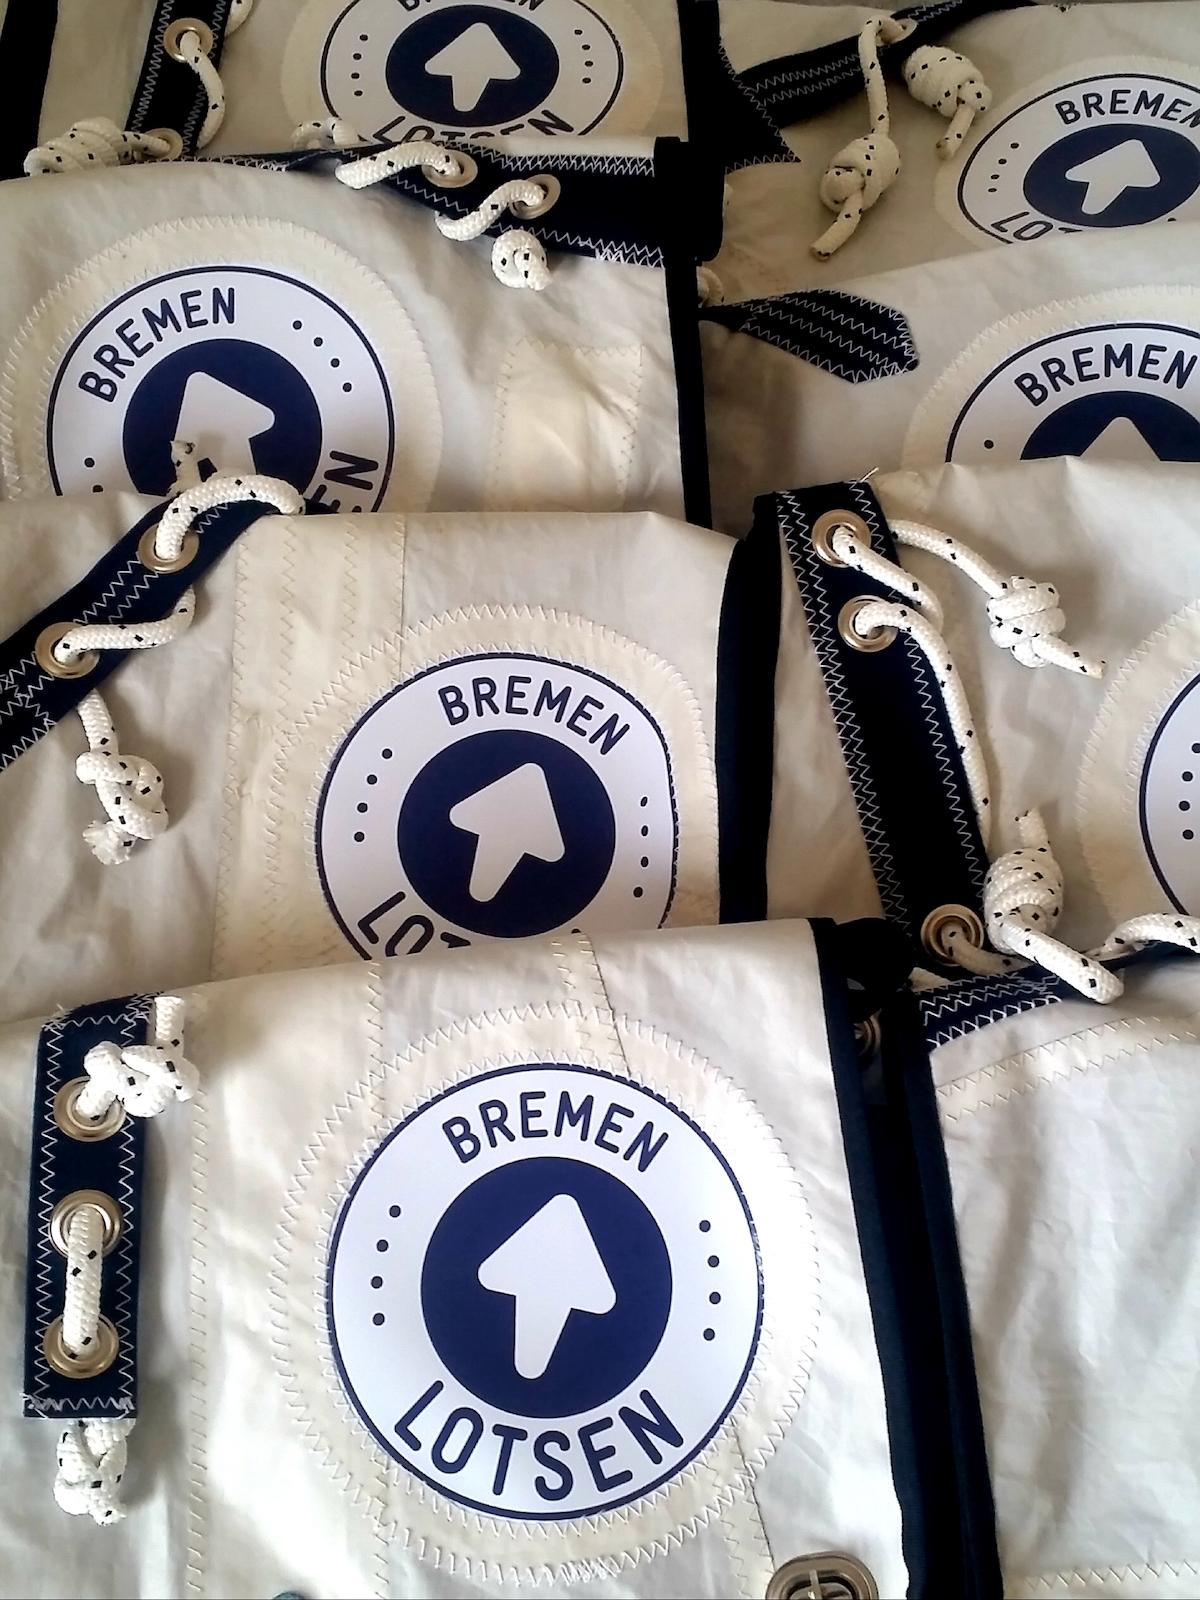 Bremenlotsen-Taschen